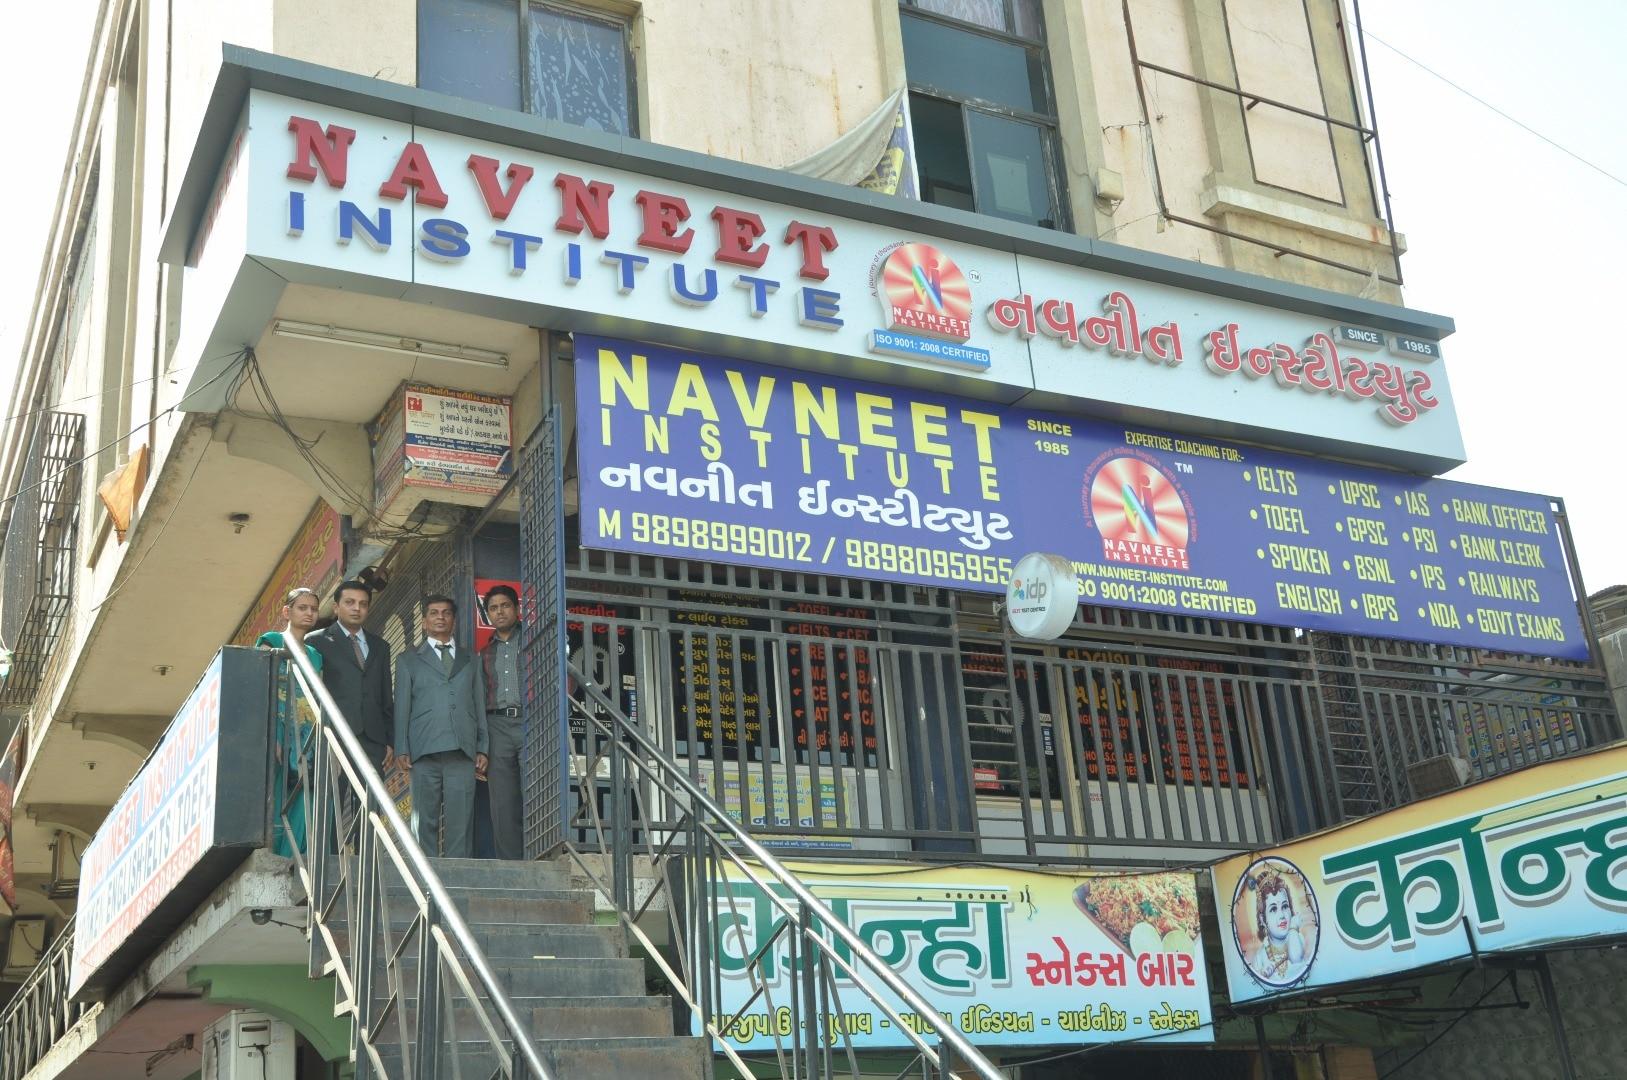 Navneet Institute